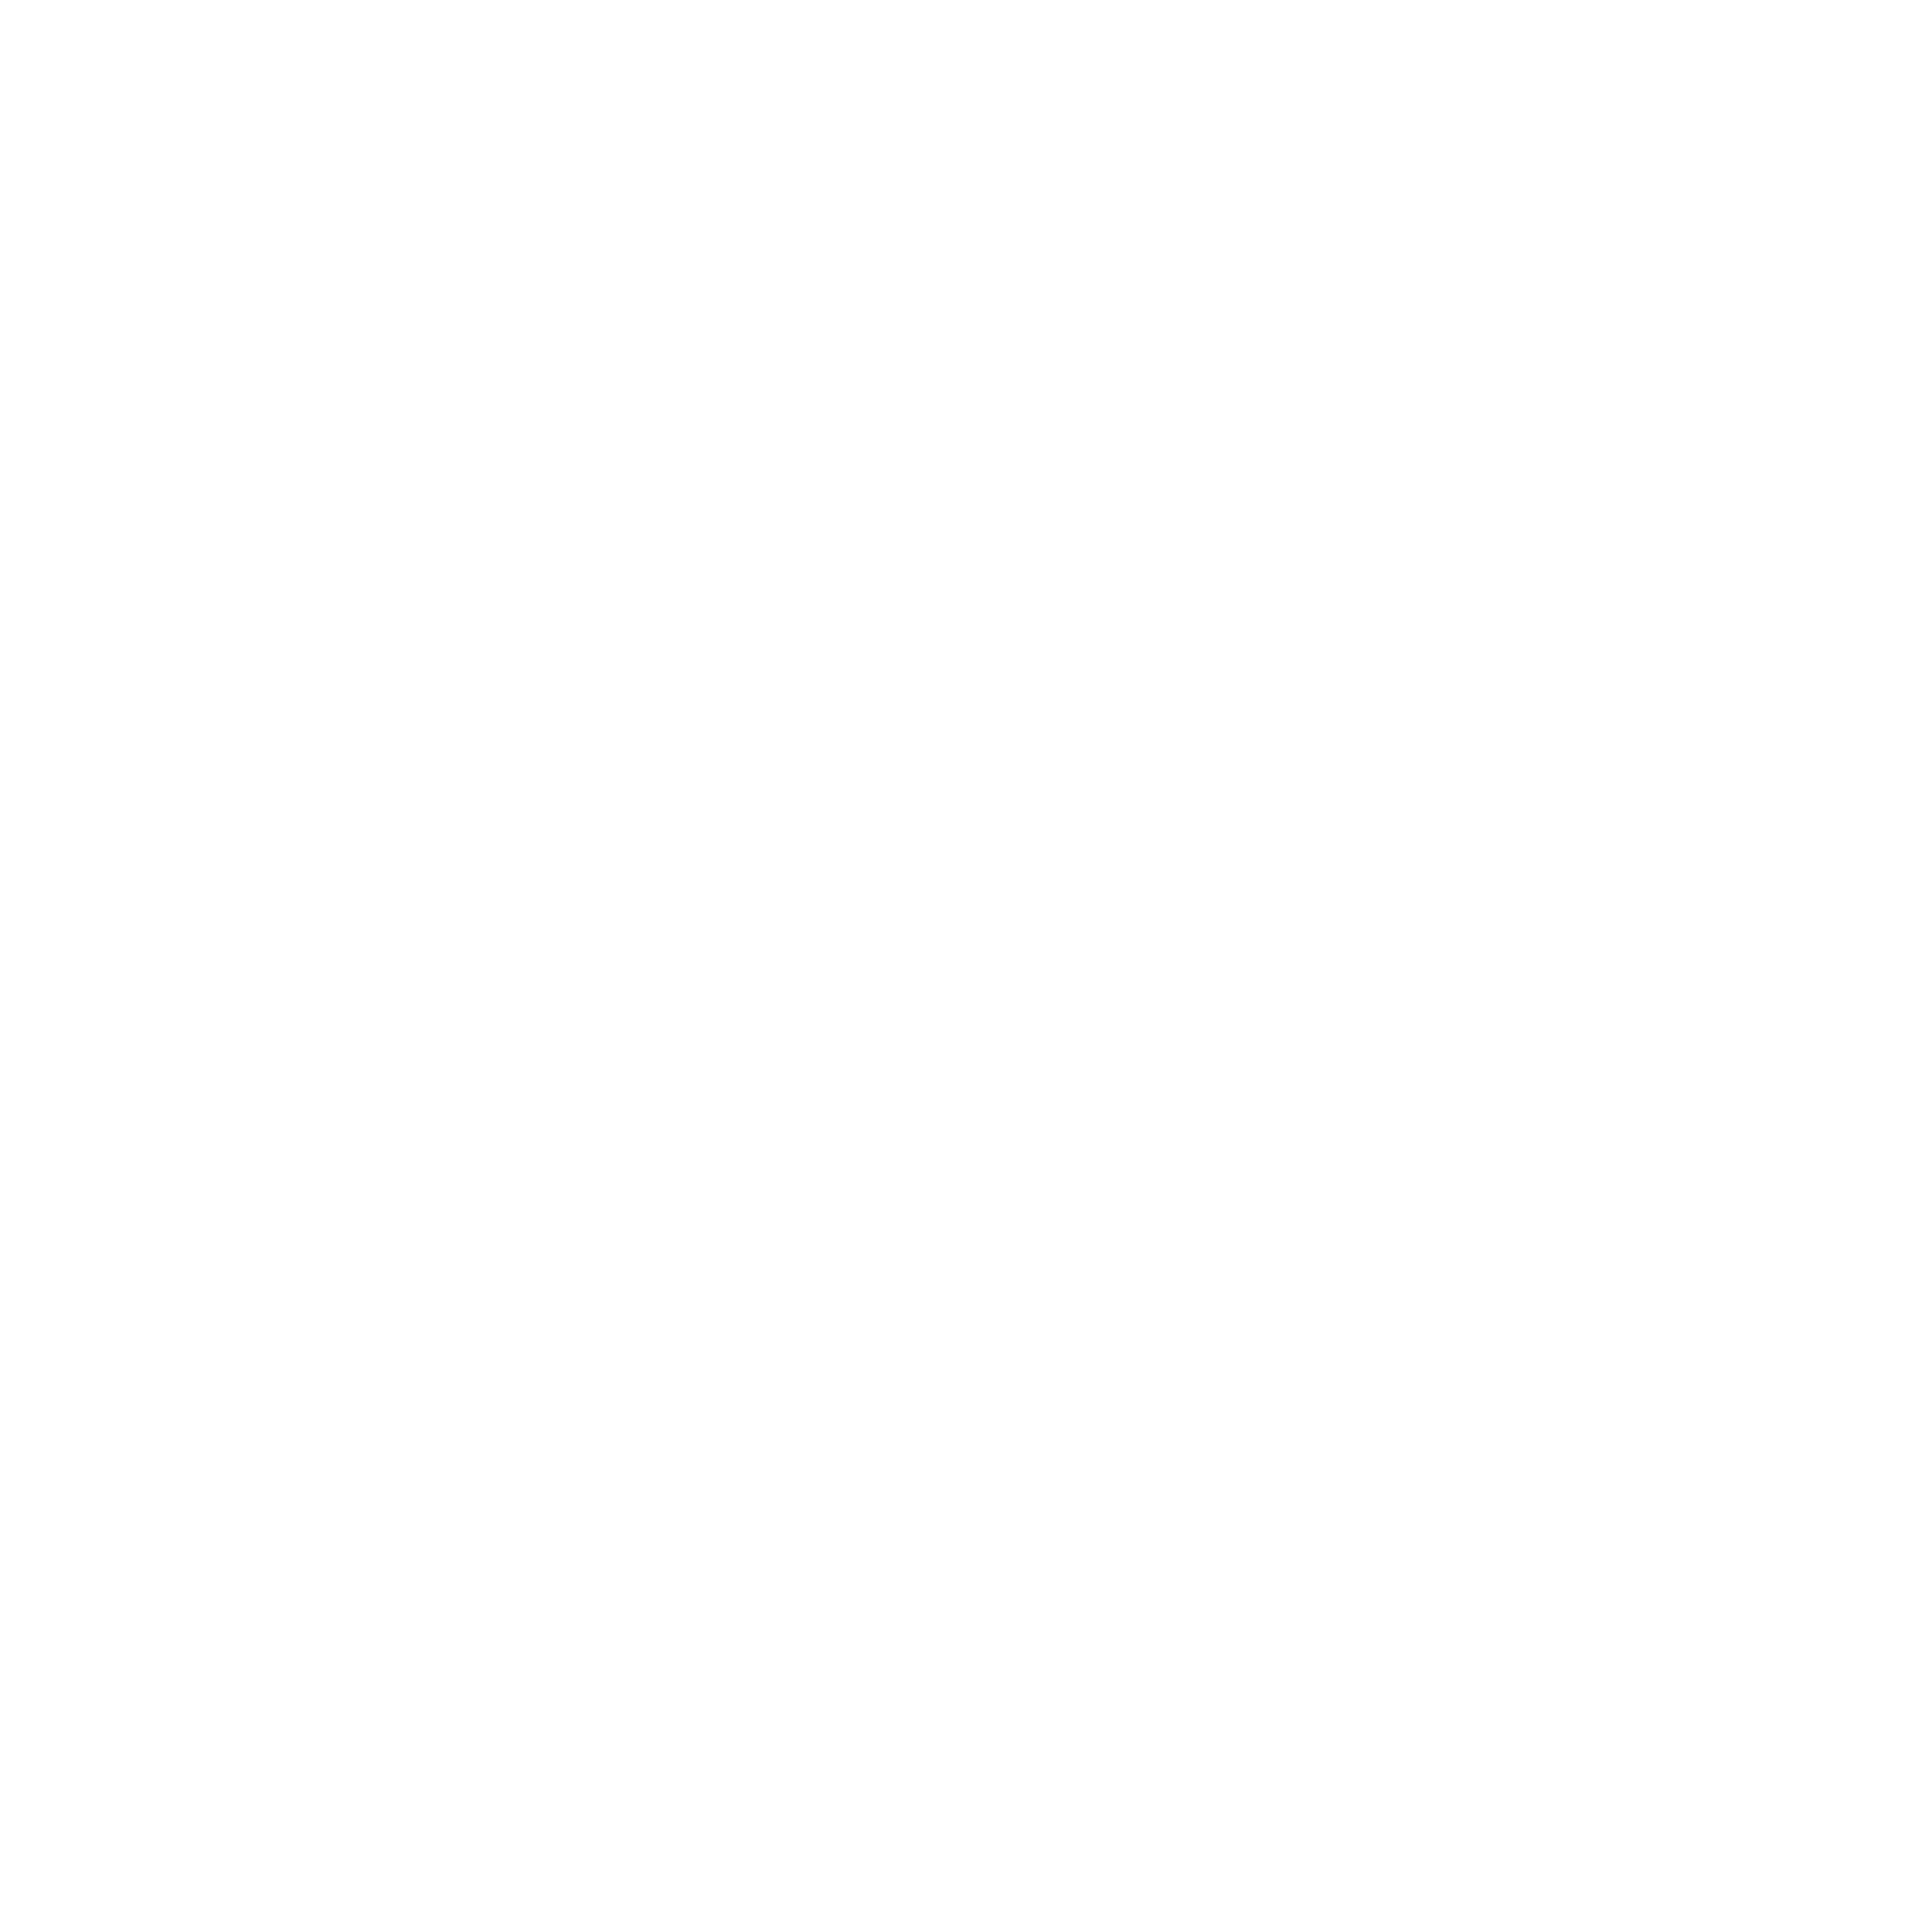 無黨團結聯盟